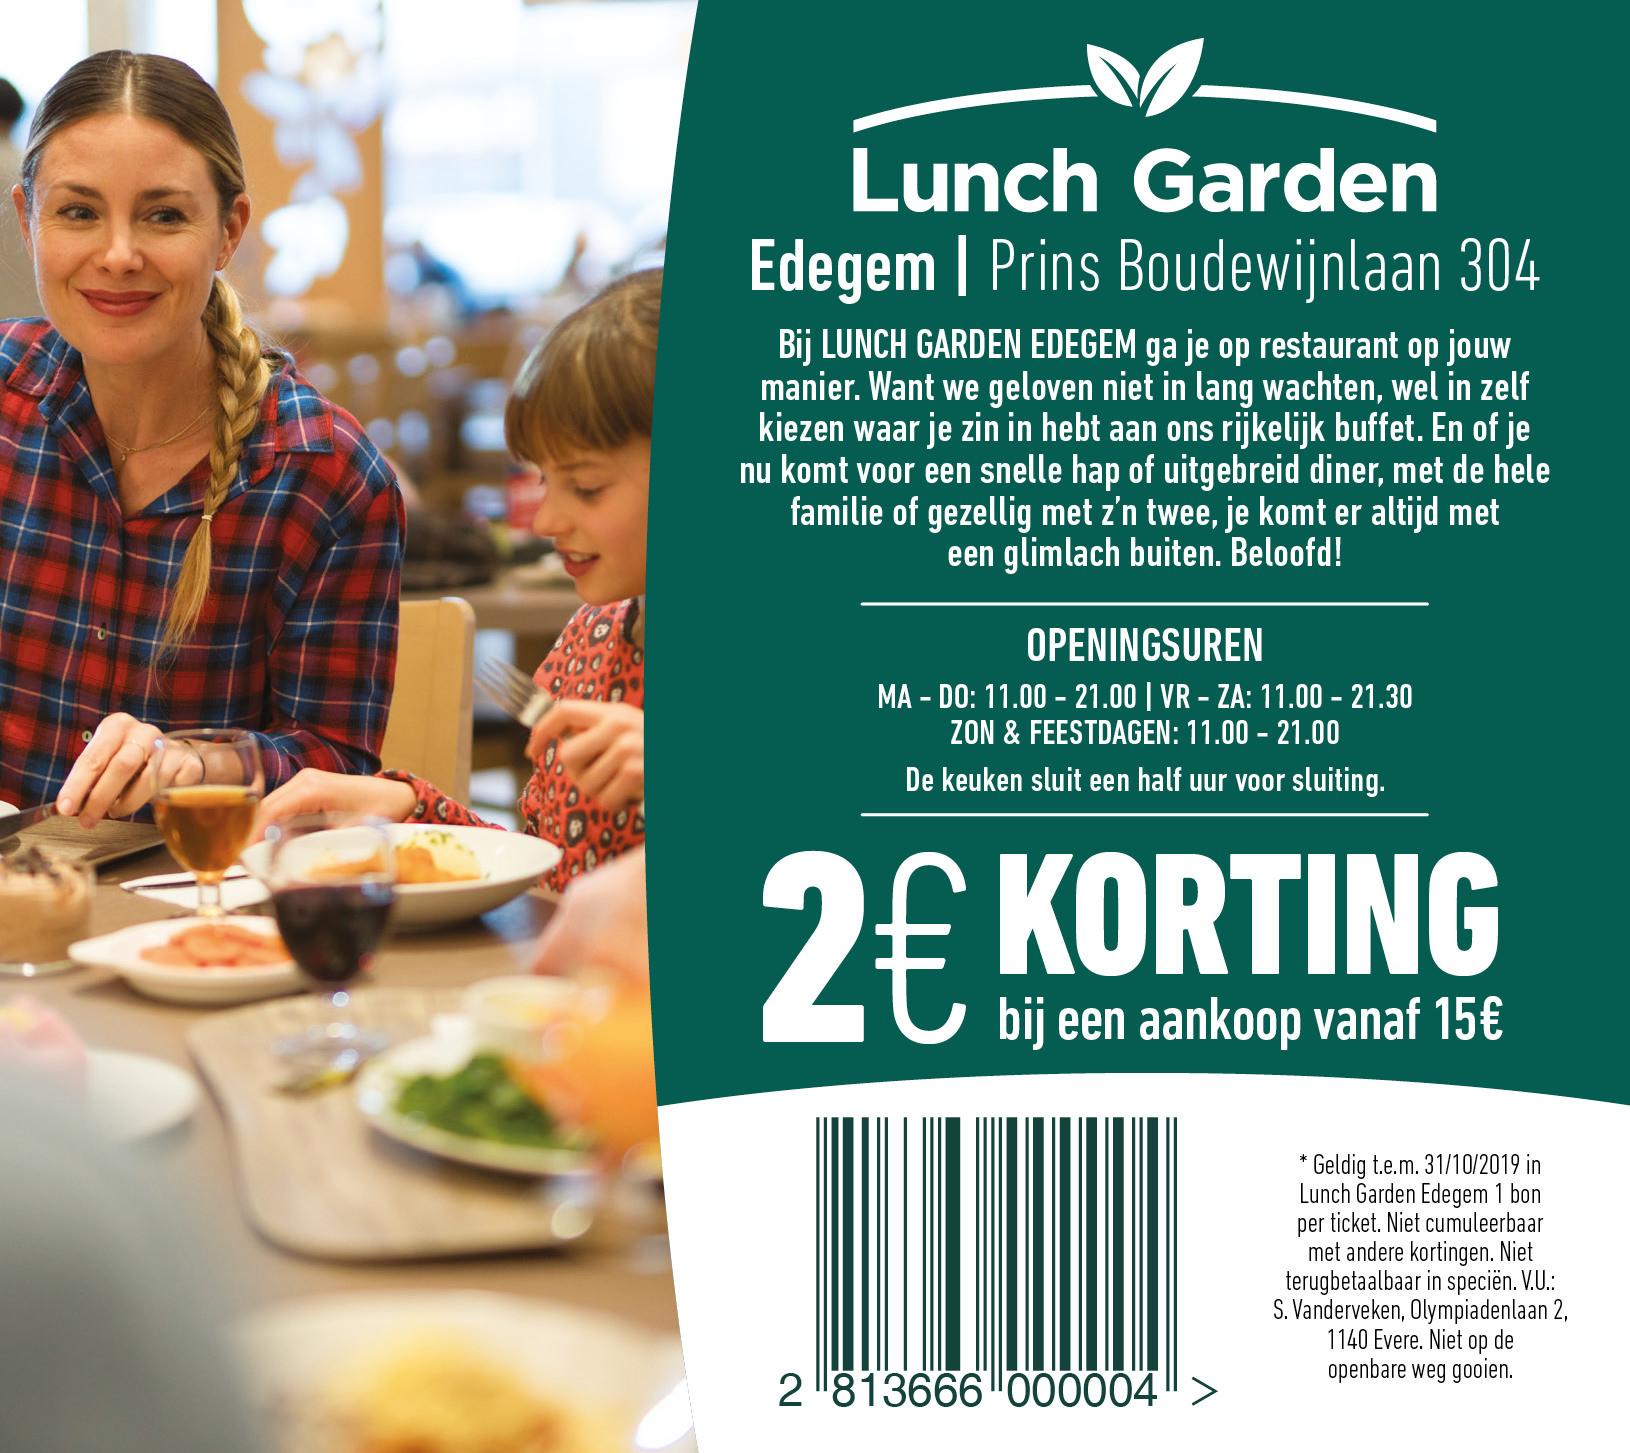 lunchgarden_edegem_sept_2019.jpg